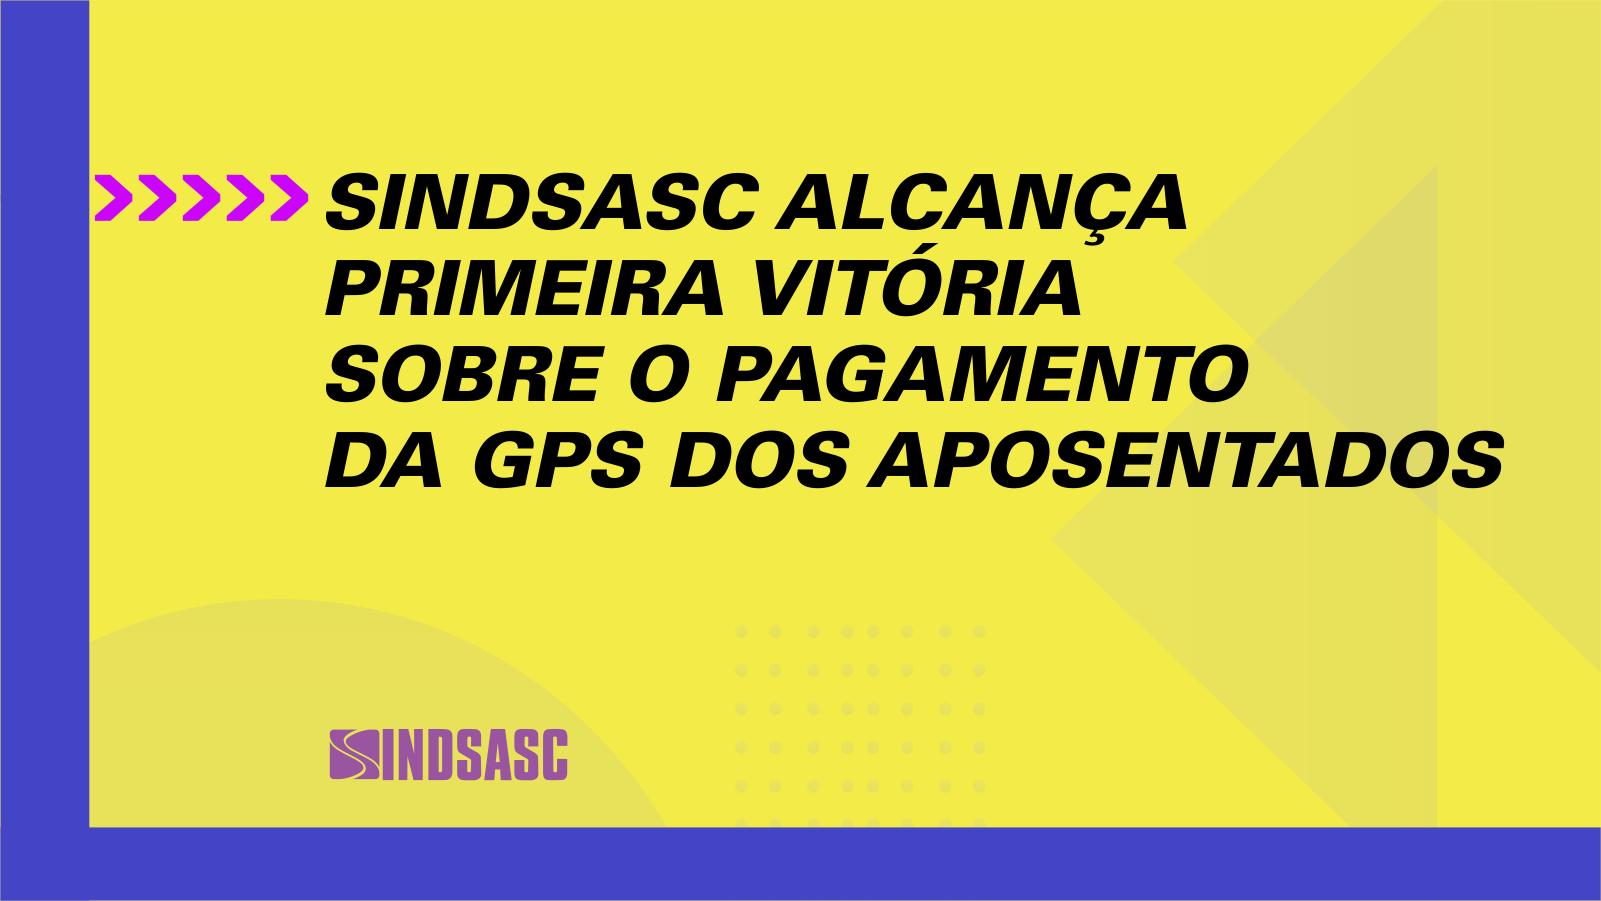 Sindicato alcança primeira vitória sobre a GPS